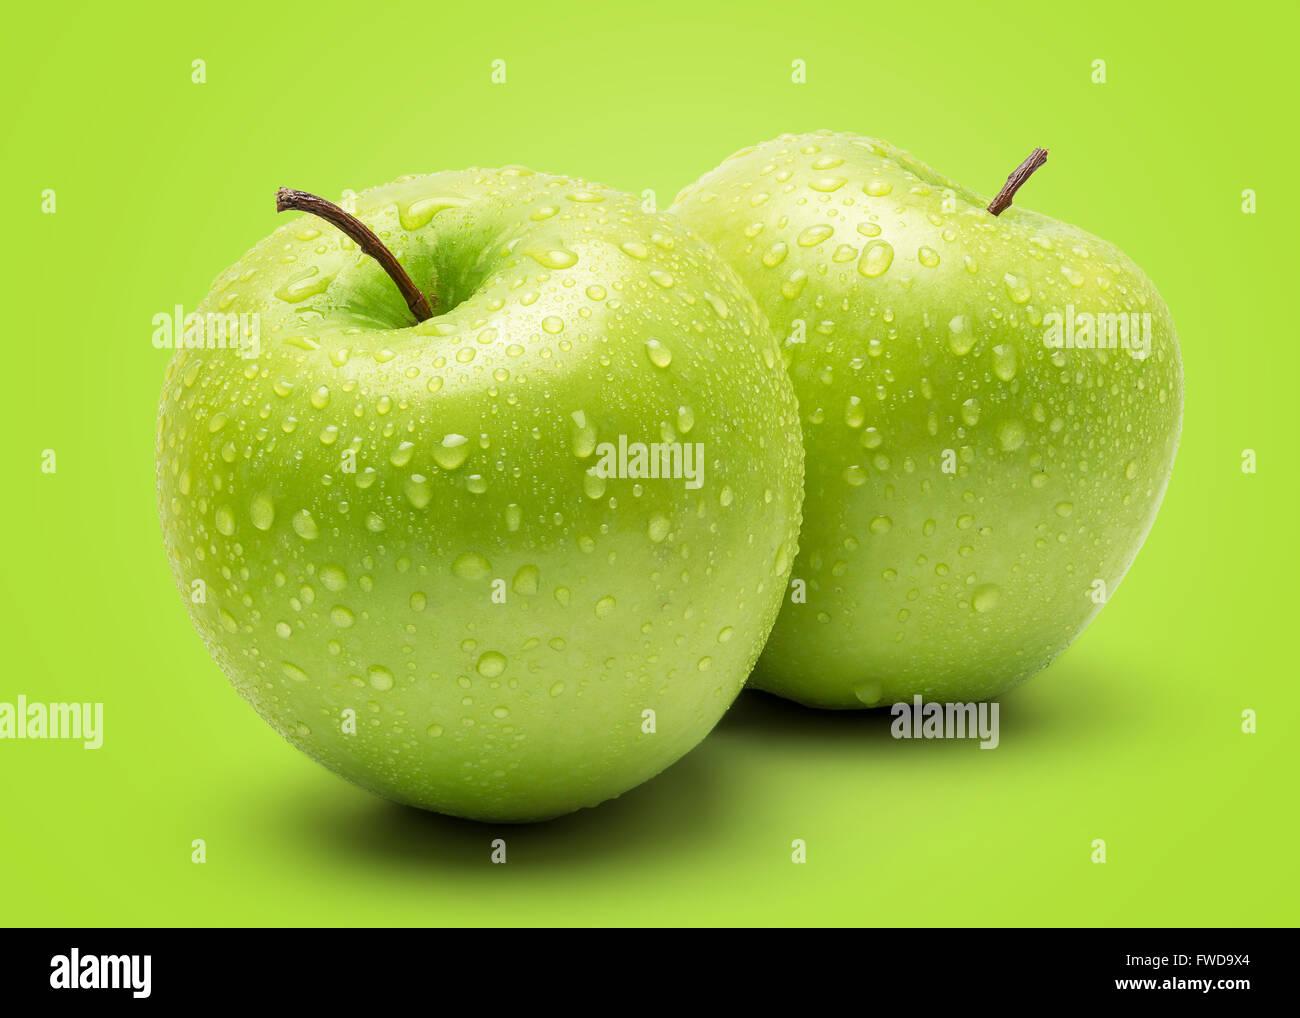 Pomme verte fraîche parfait isolé sur fond vert dans toute la profondeur de champ. Photo Stock